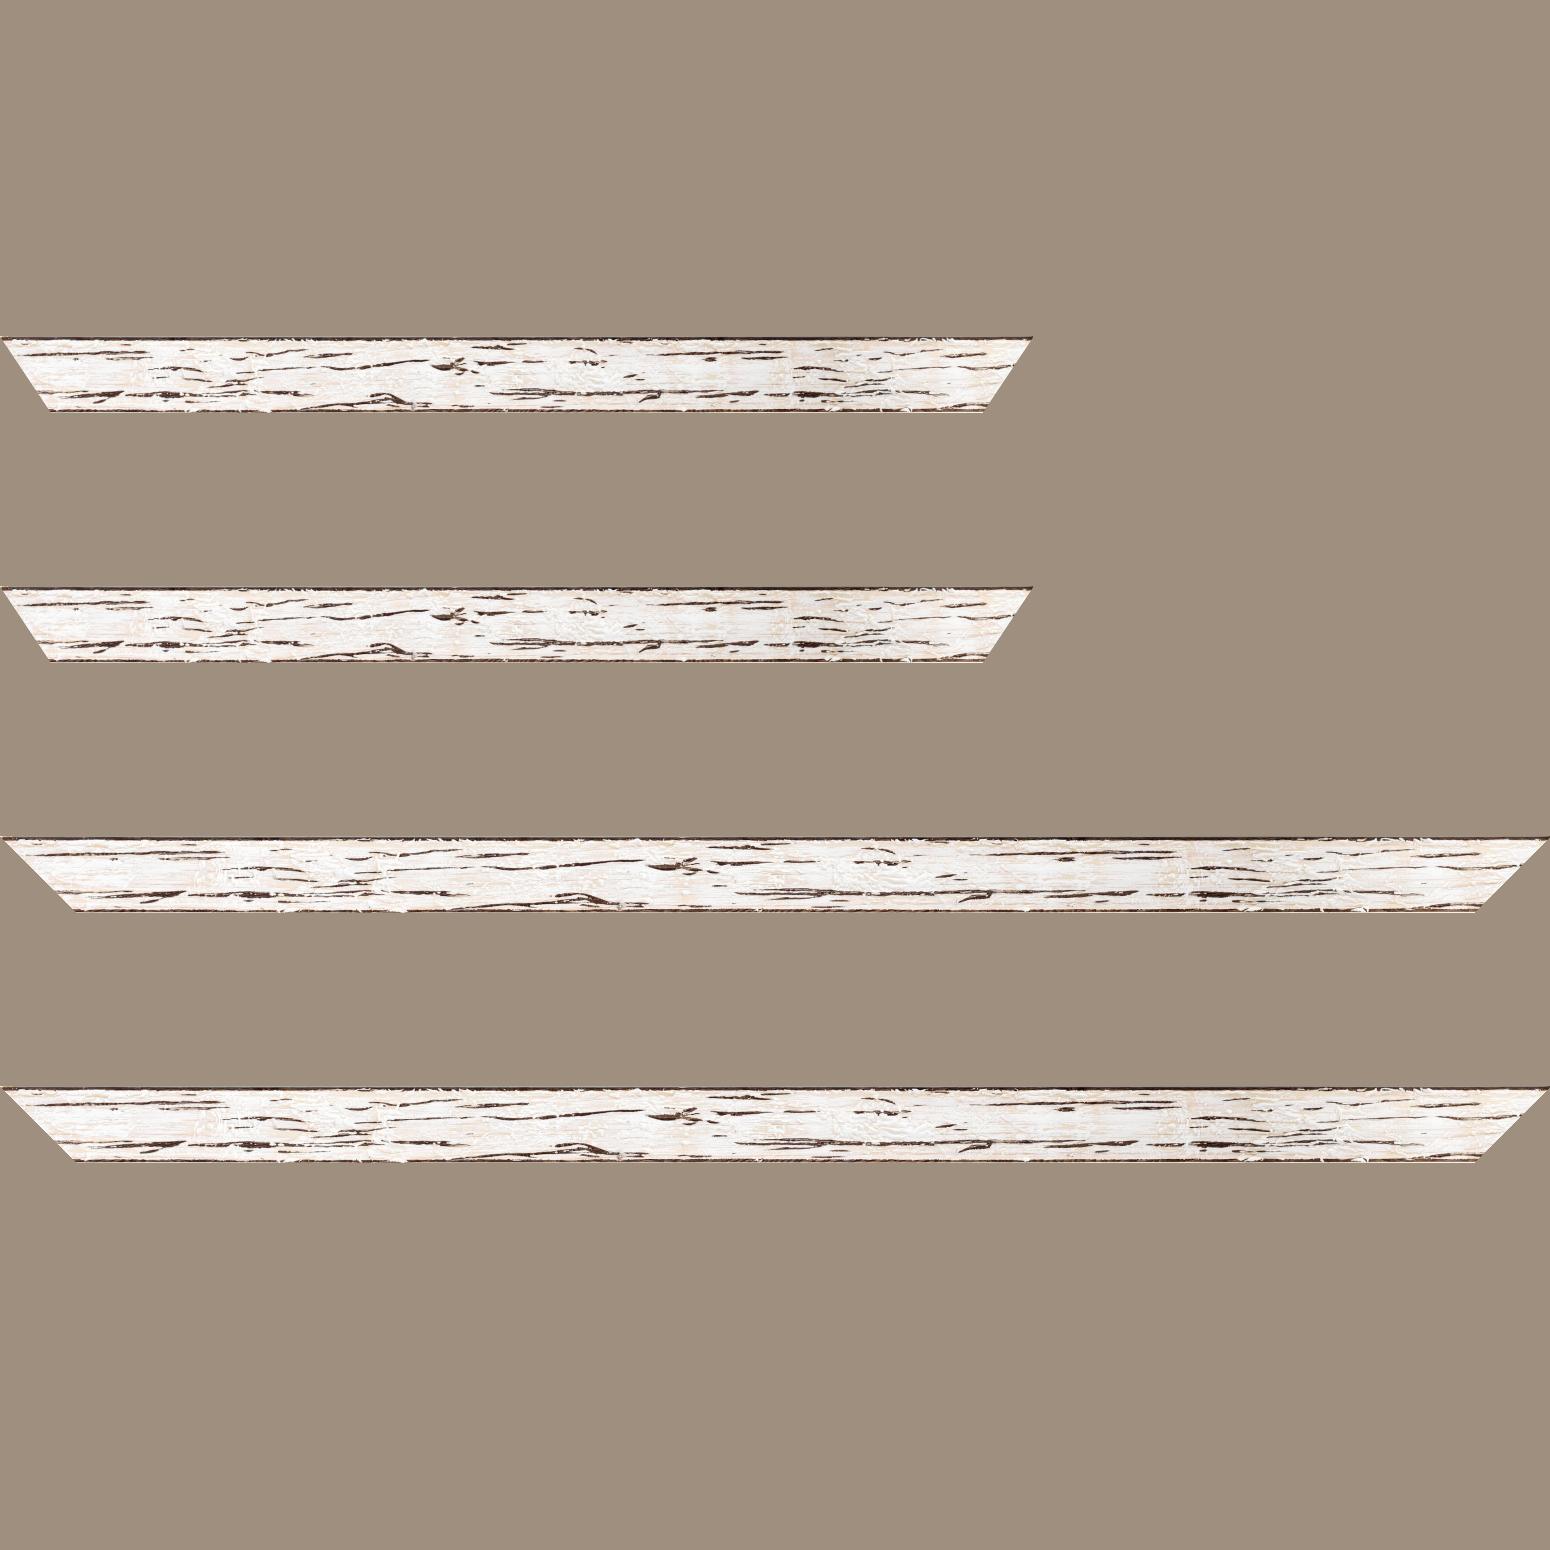 Baguette service précoupé Bois profil plat largeur 3.3cm couleur blanchie finition aspect vieilli antique